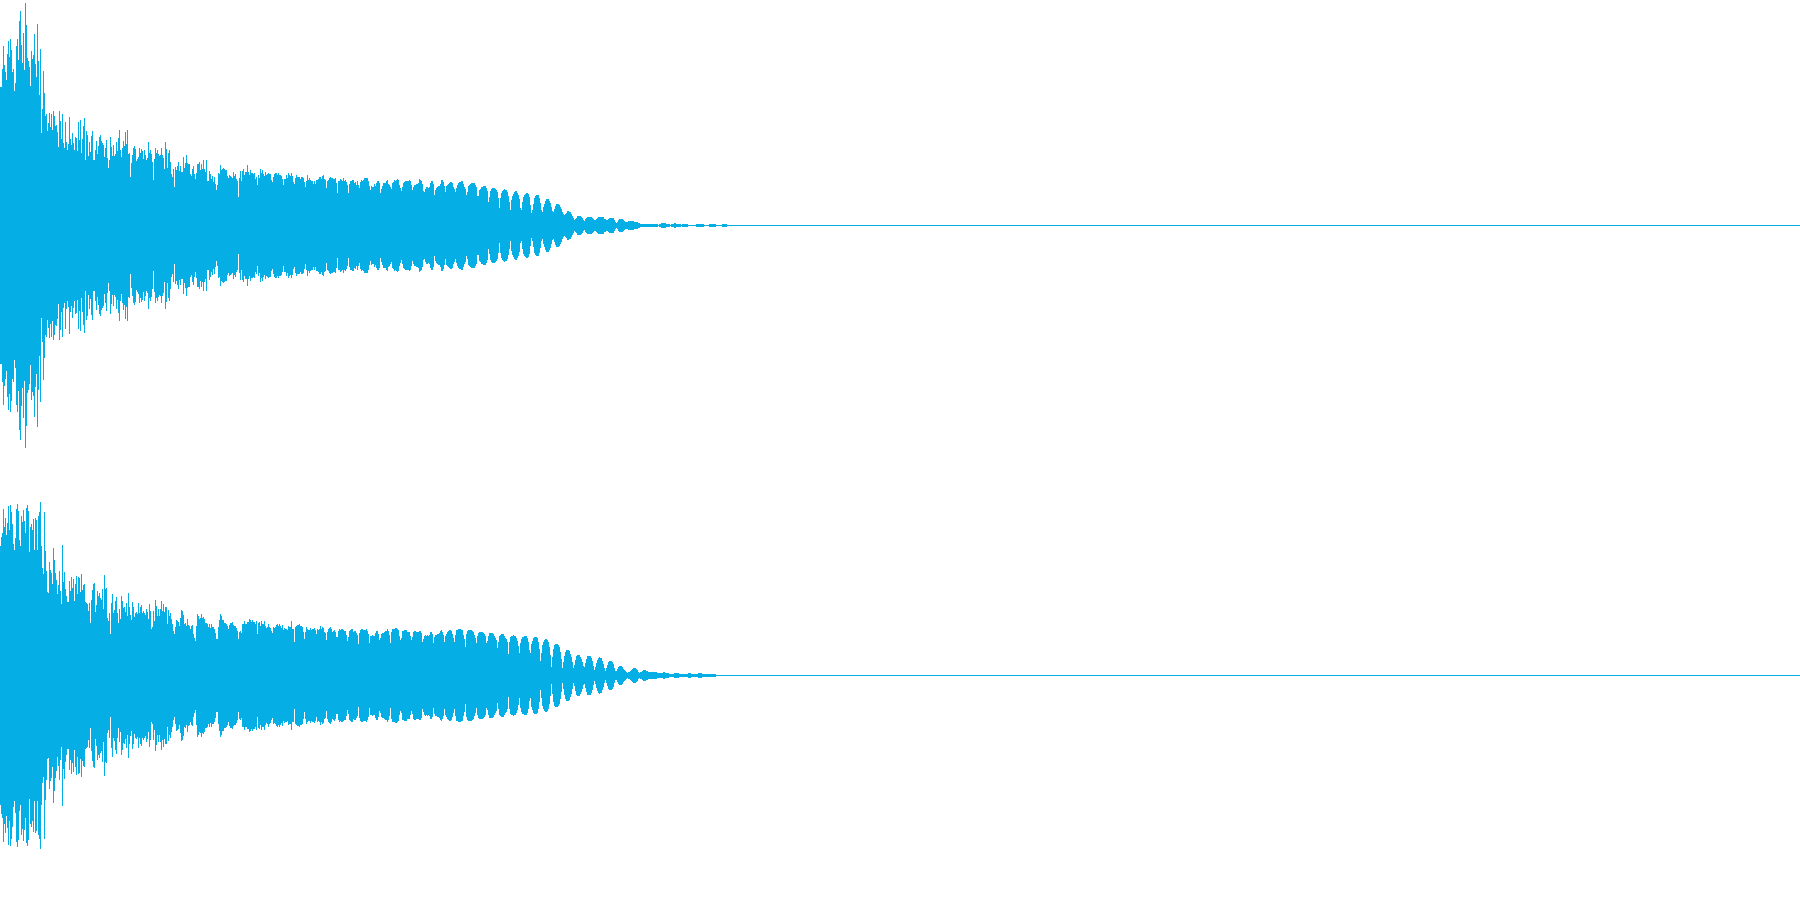 刀 剣 カキーン シャキーン 目立つ11の再生済みの波形